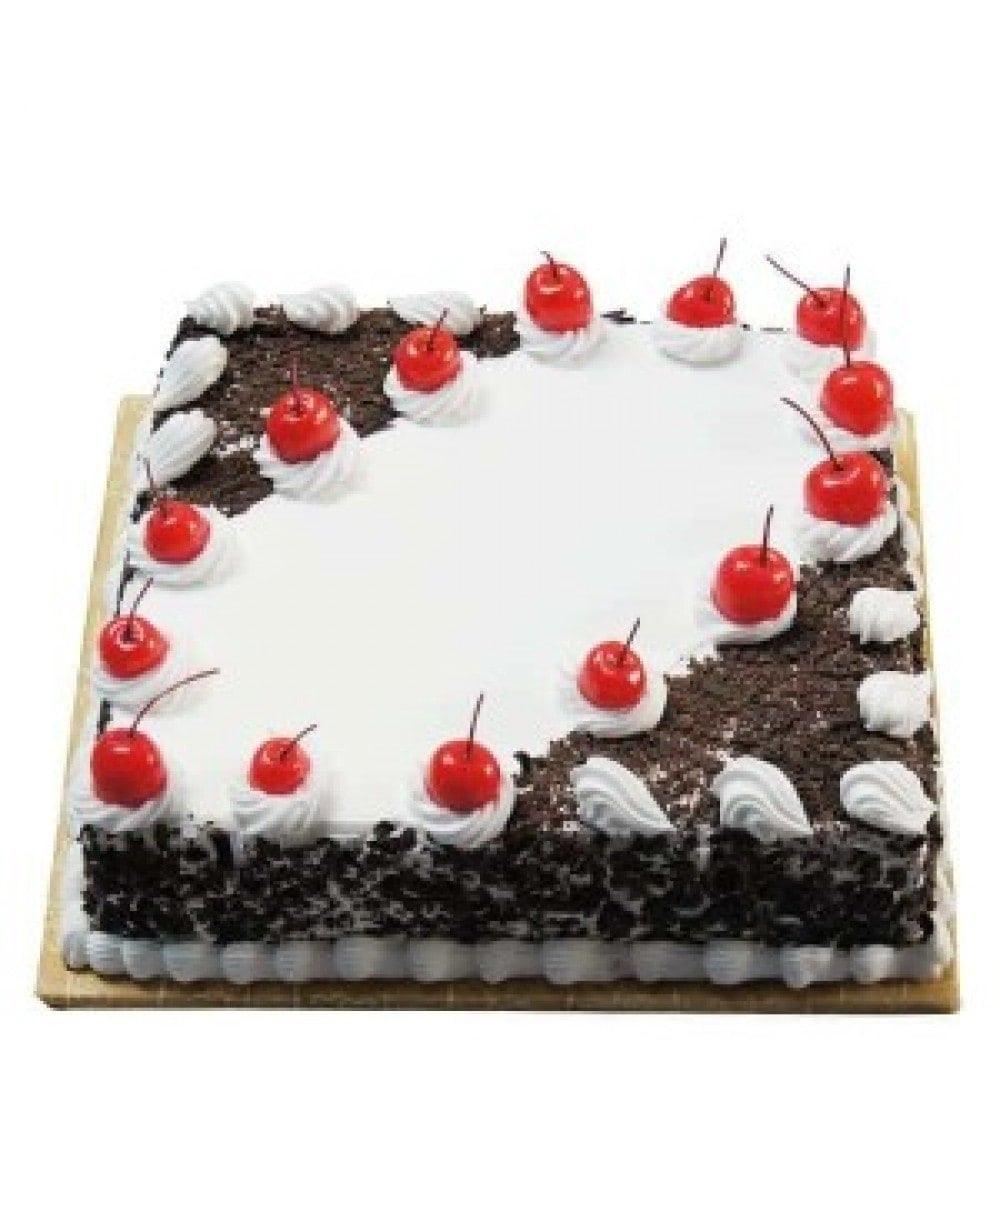 3kg Blackforest cake